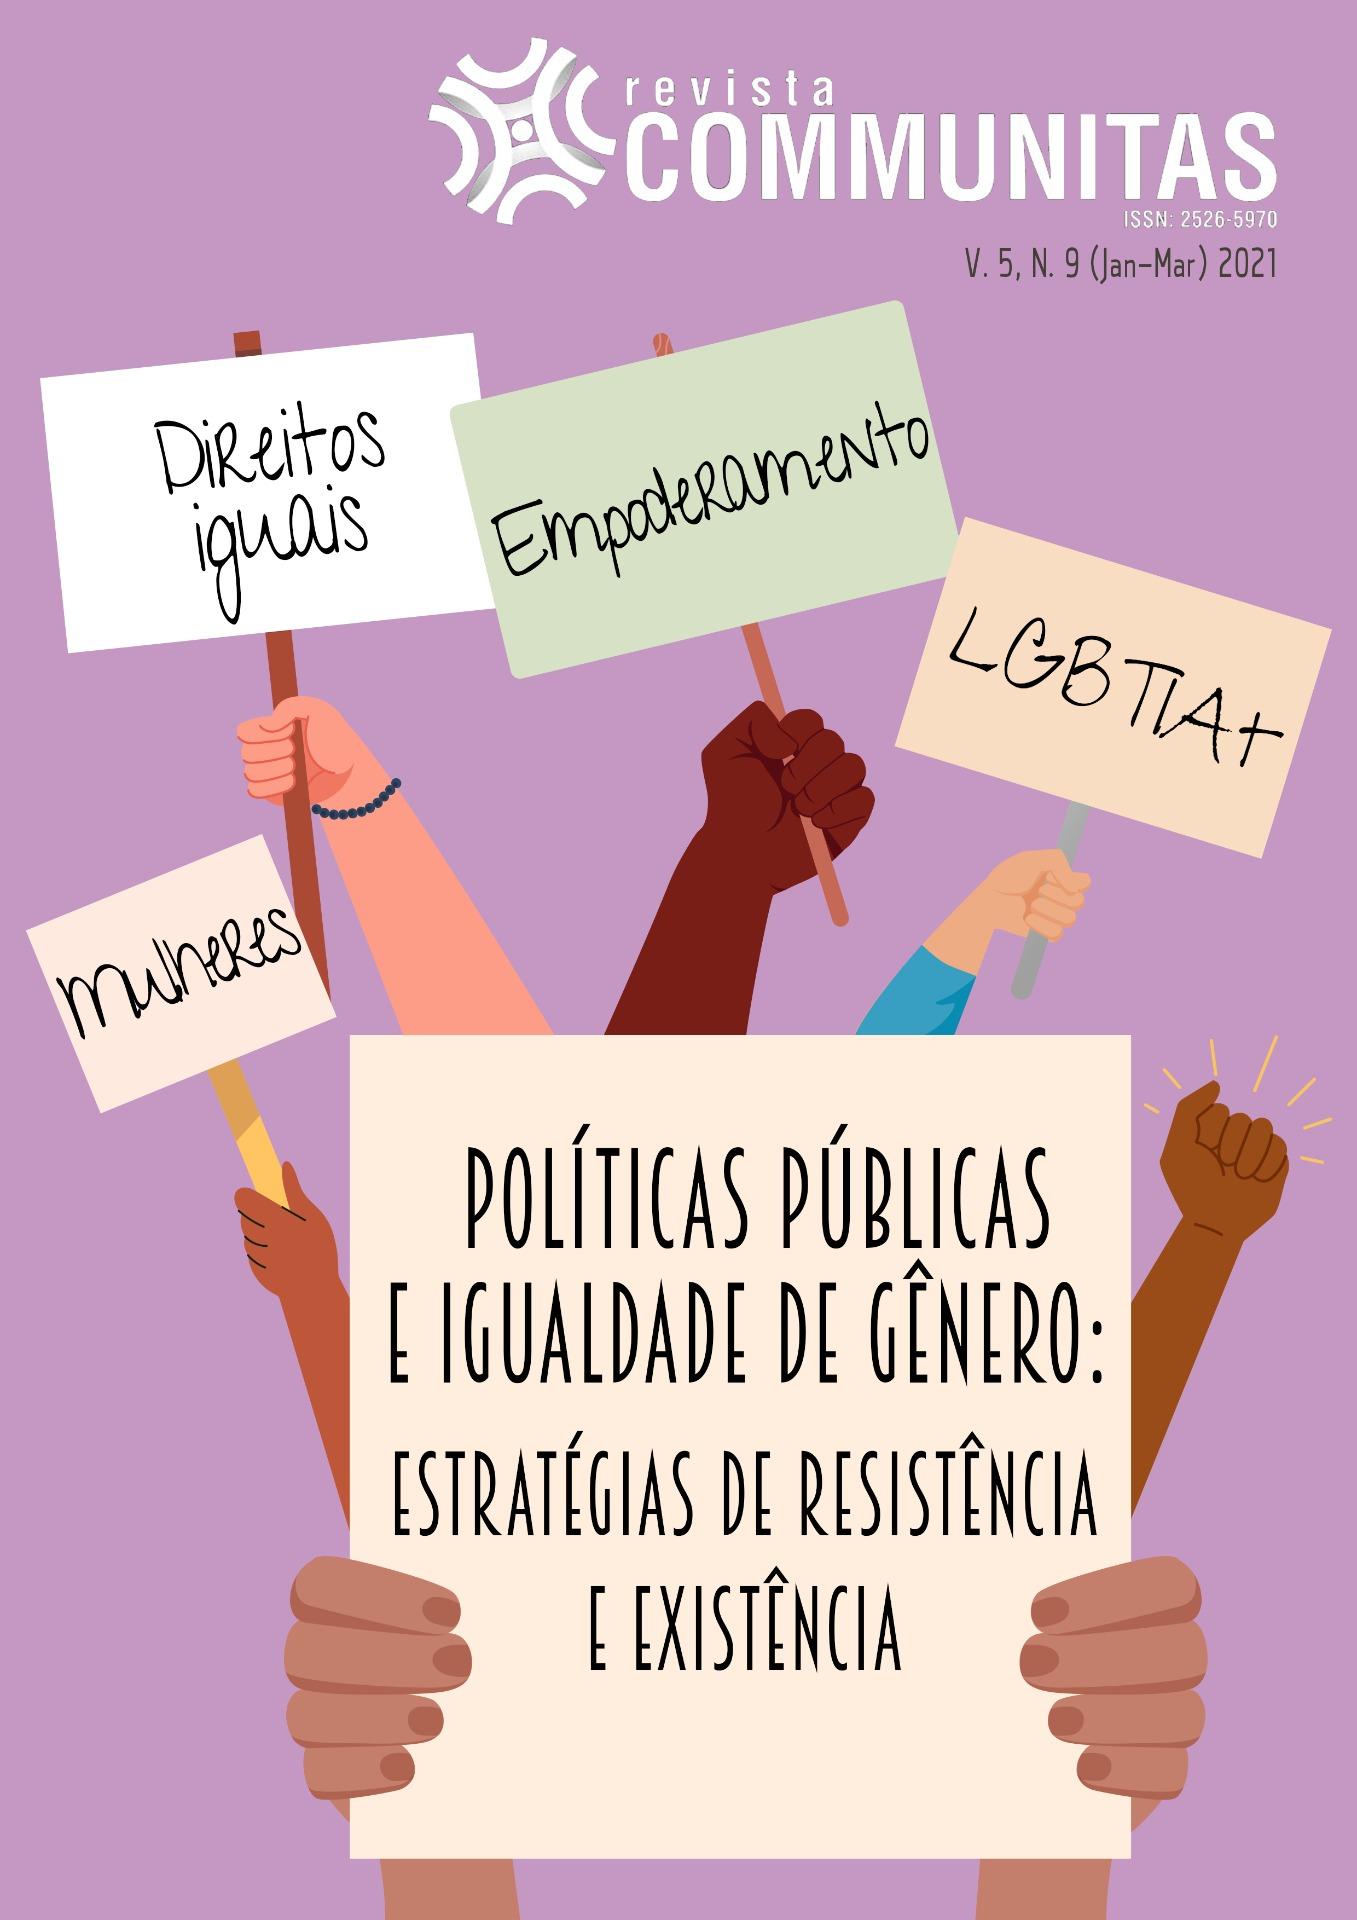 Visualizar v. 5 n. 9 (2021): POLÍTICAS PÚBLICAS E IGUALDADE DE GÊNERO: estratégias de resistência e existência